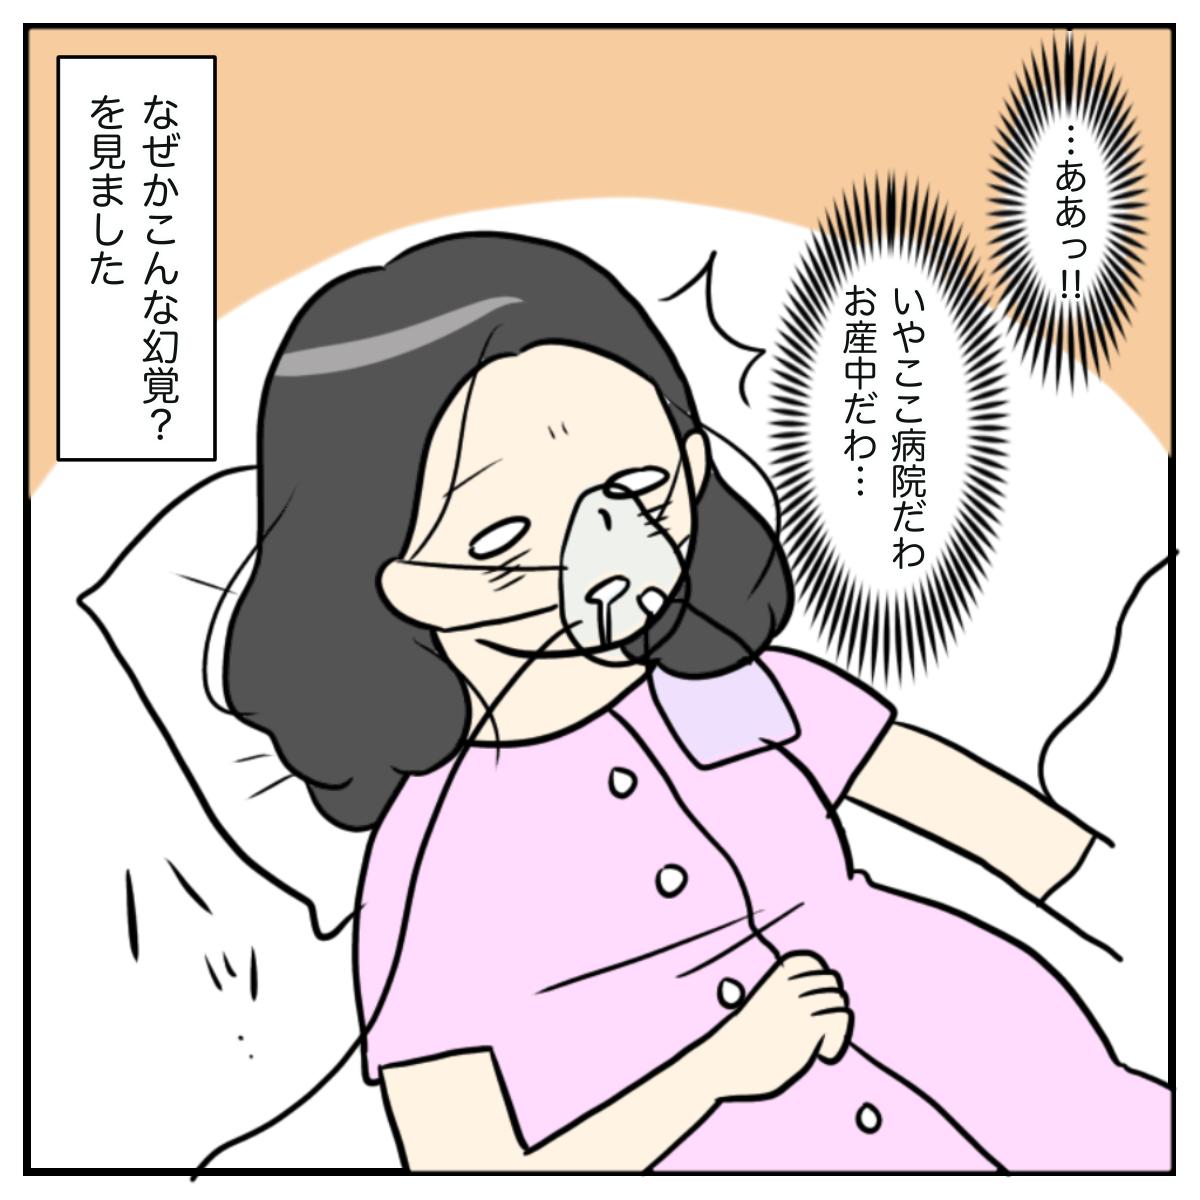 終わりの見えない地獄の陣痛…ついには謎の幻覚まで!【出産のキロク Vol.7】